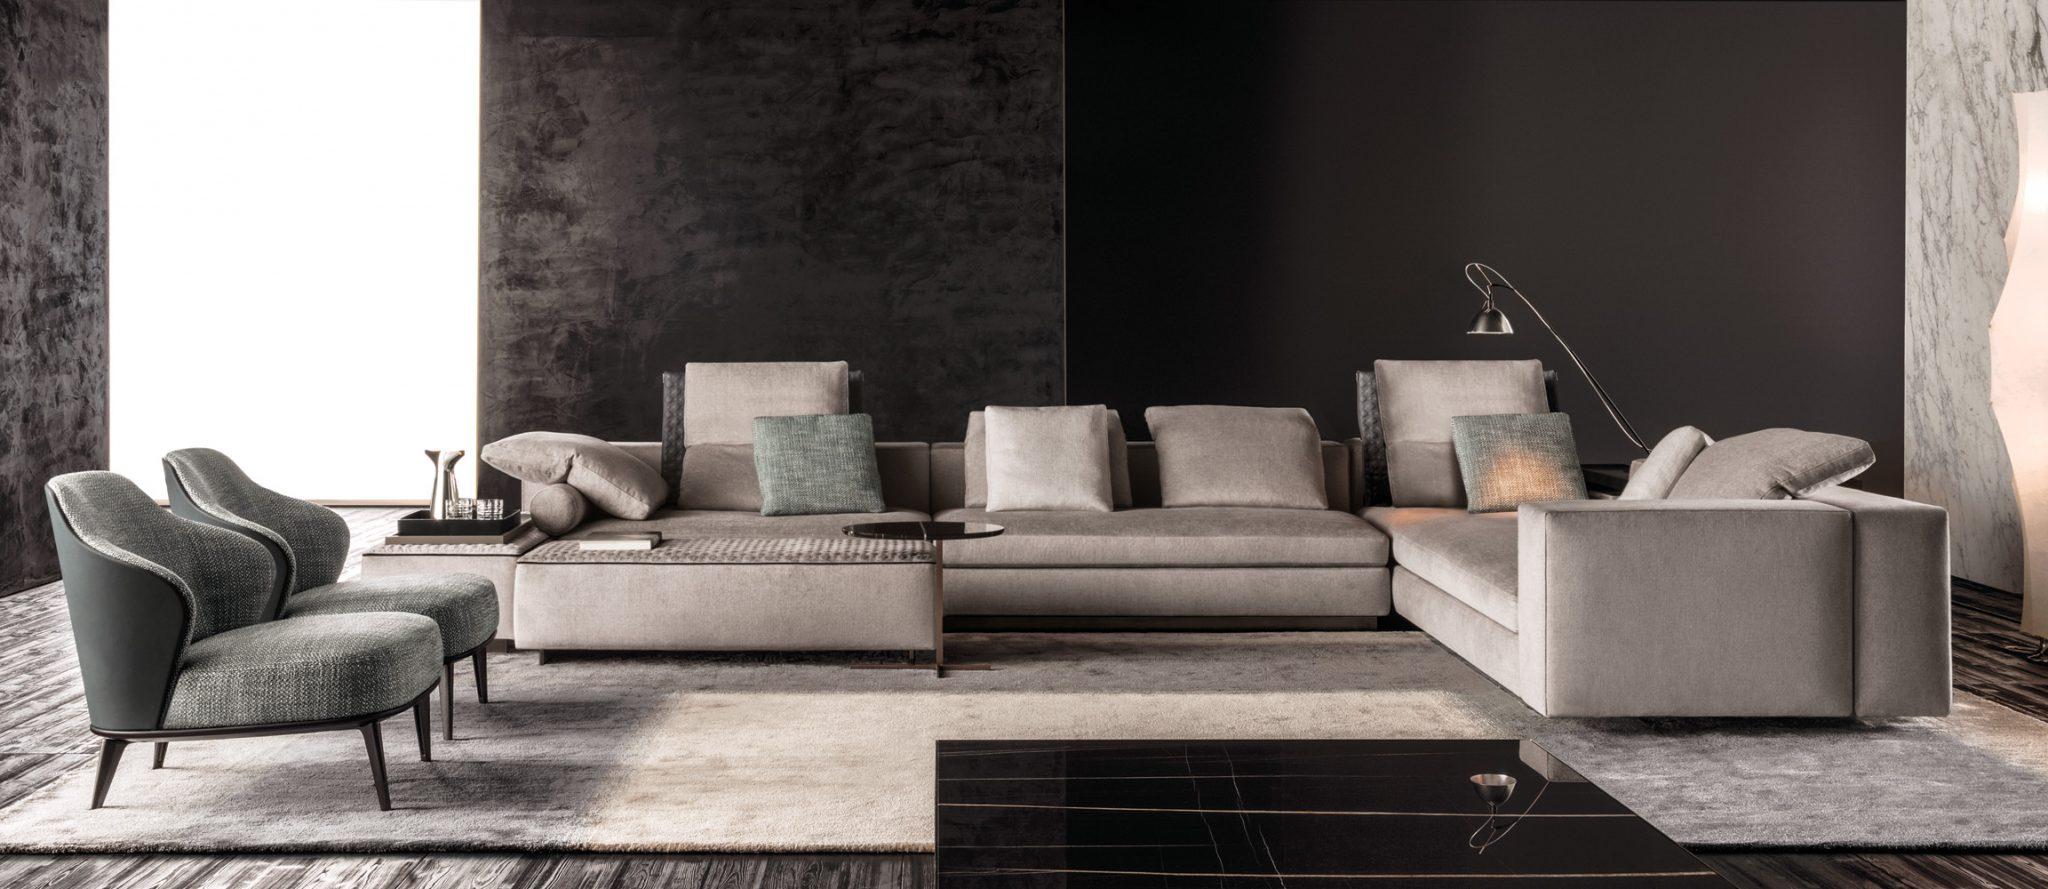 5 Sofa Shapes Explained